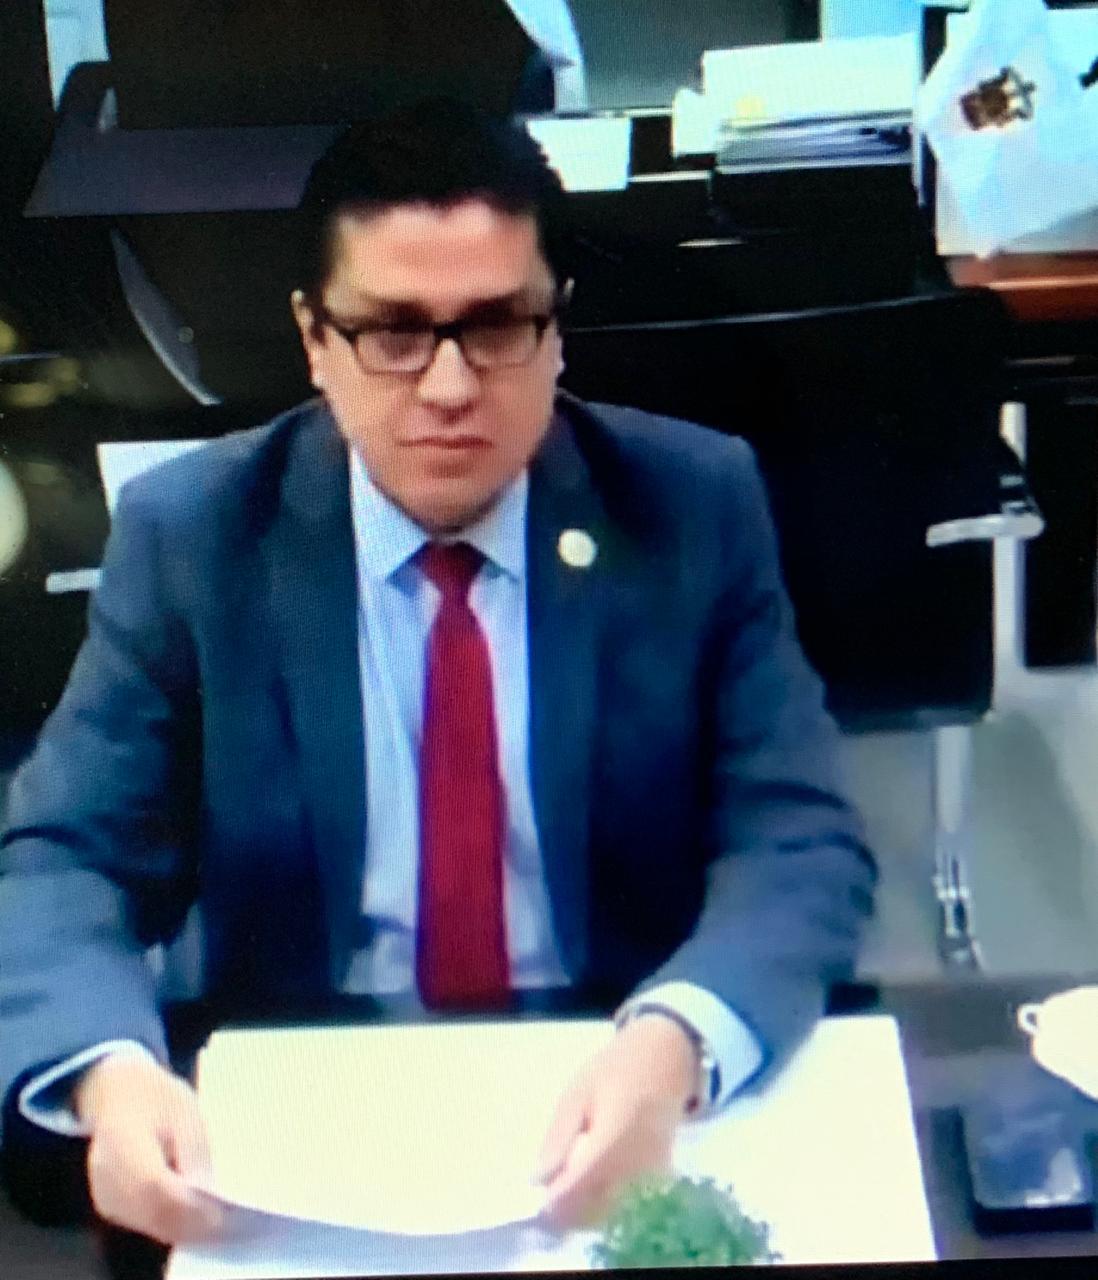 Captura de pantalla del rector impartiendo conferencia en vertical